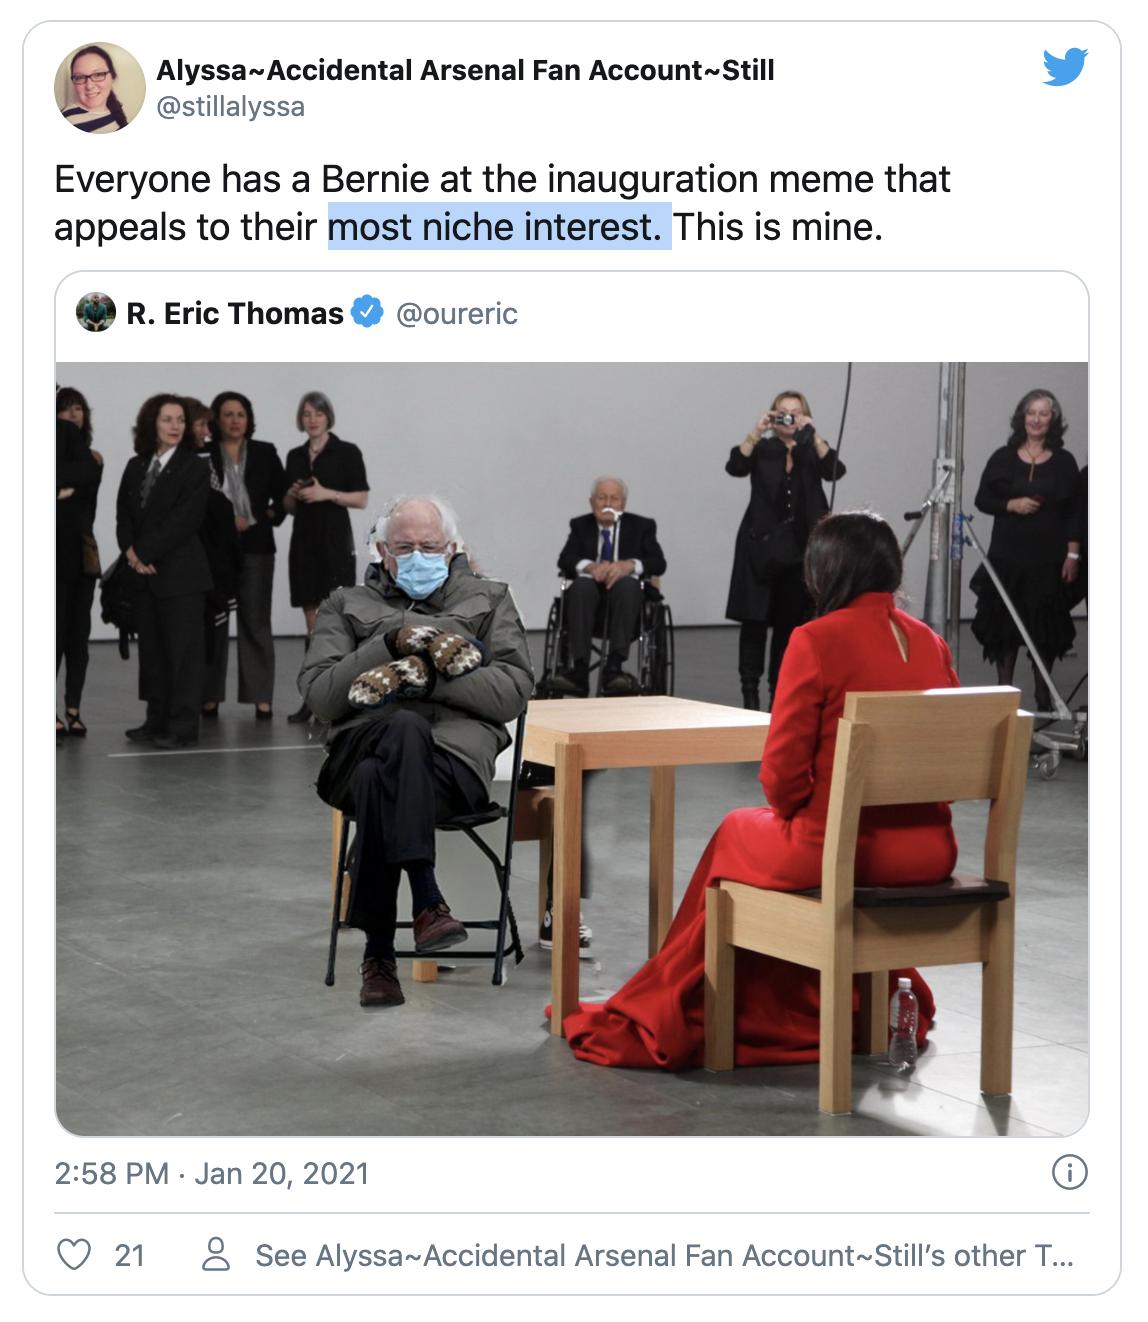 Bernie's art meme